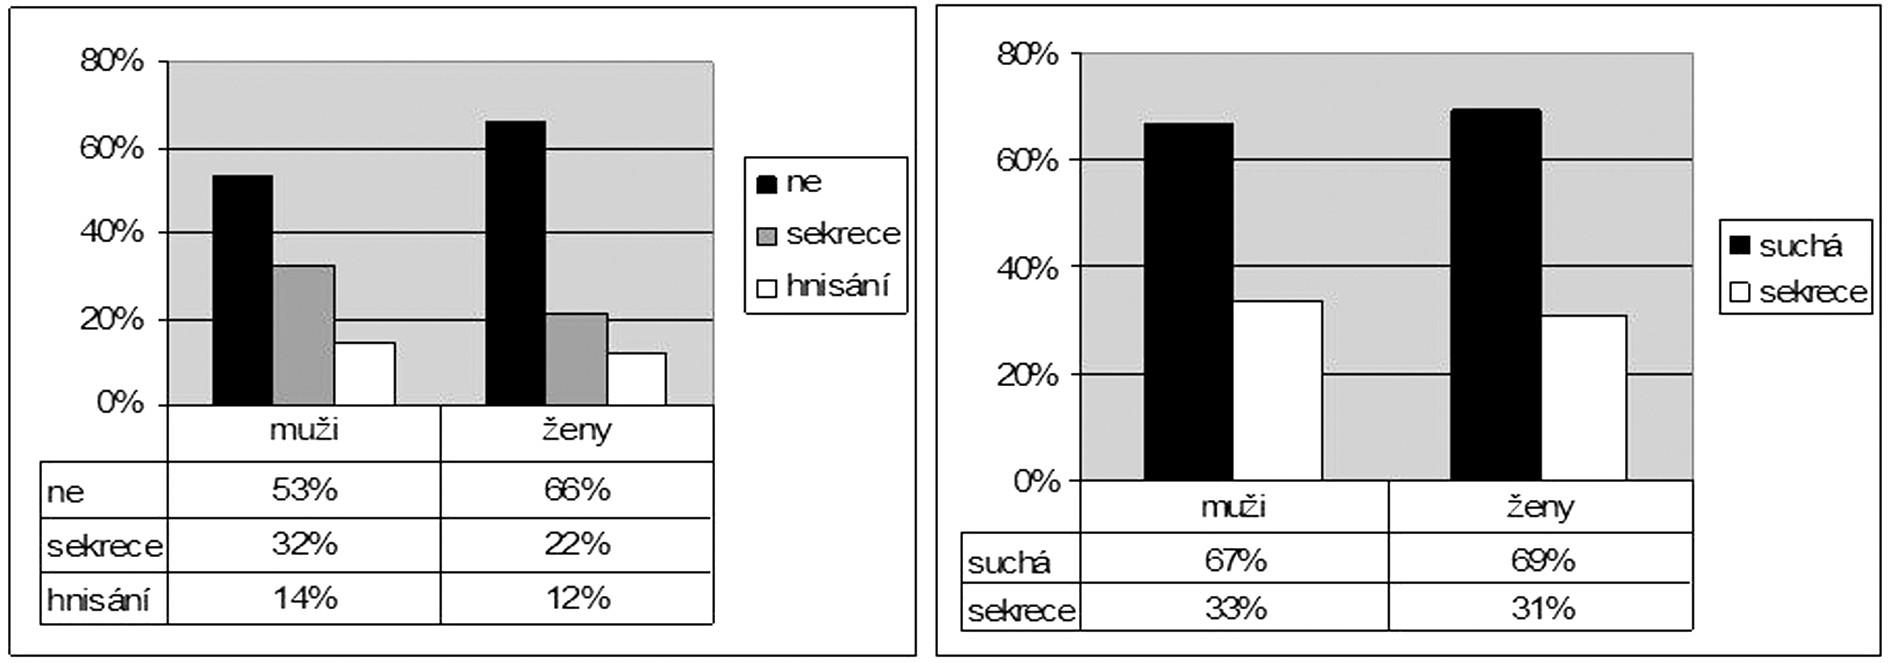 Časné hojení (vlevo) a stav ucha (trepanační dutiny) v dlouhodobém sledování (vpravo) podle pohlaví.